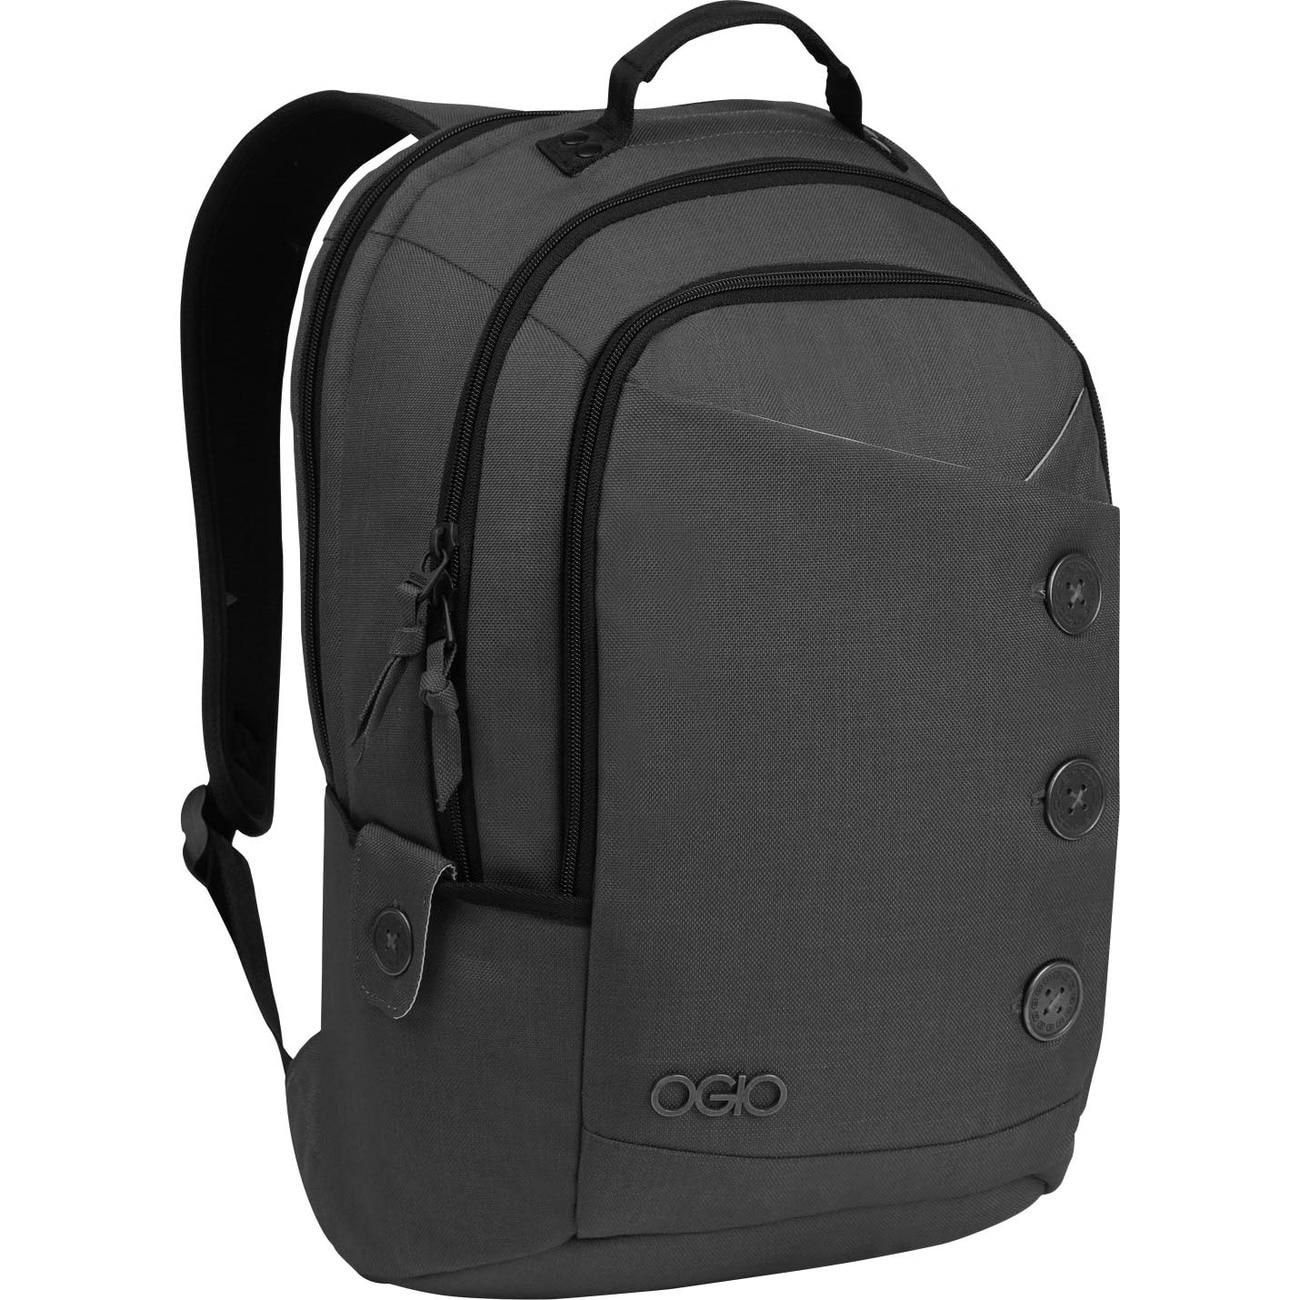 Ogio Women's Black Soho 17-inch Laptop Backpack